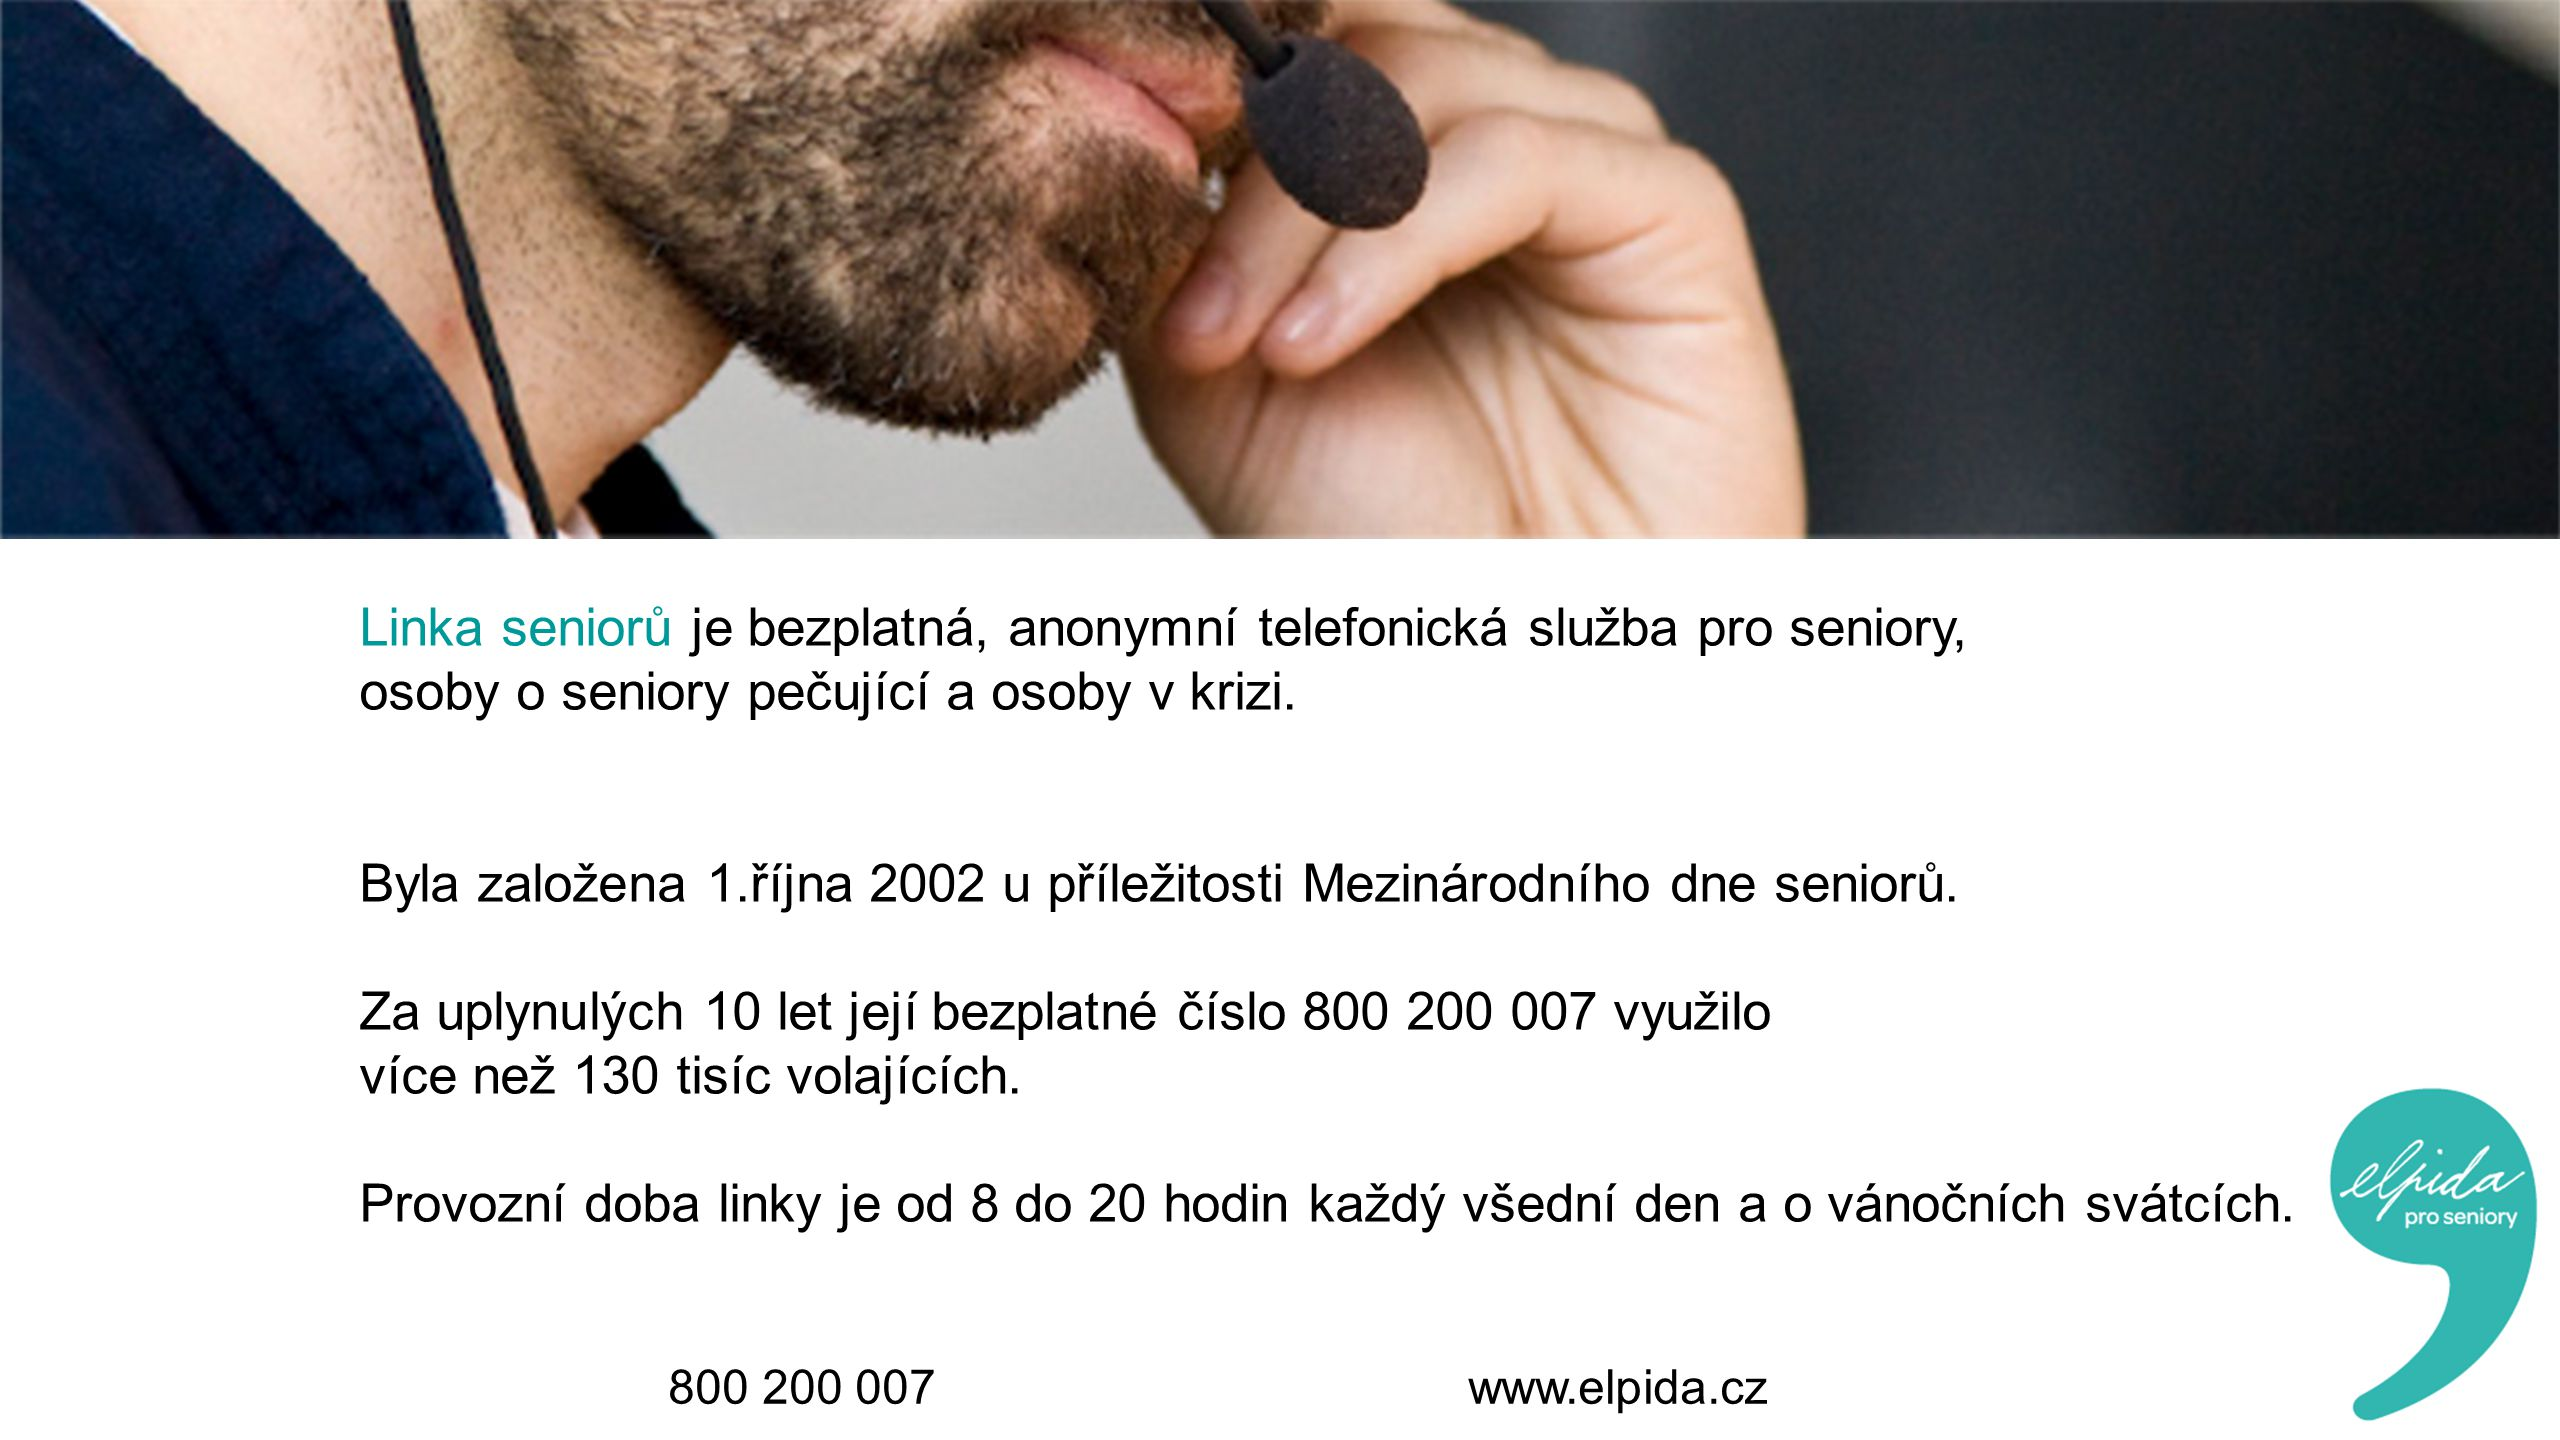 Linka seniorů je bezplatná, anonymní telefonická služba pro seniory, osoby o seniory pečující a osoby v krizi.